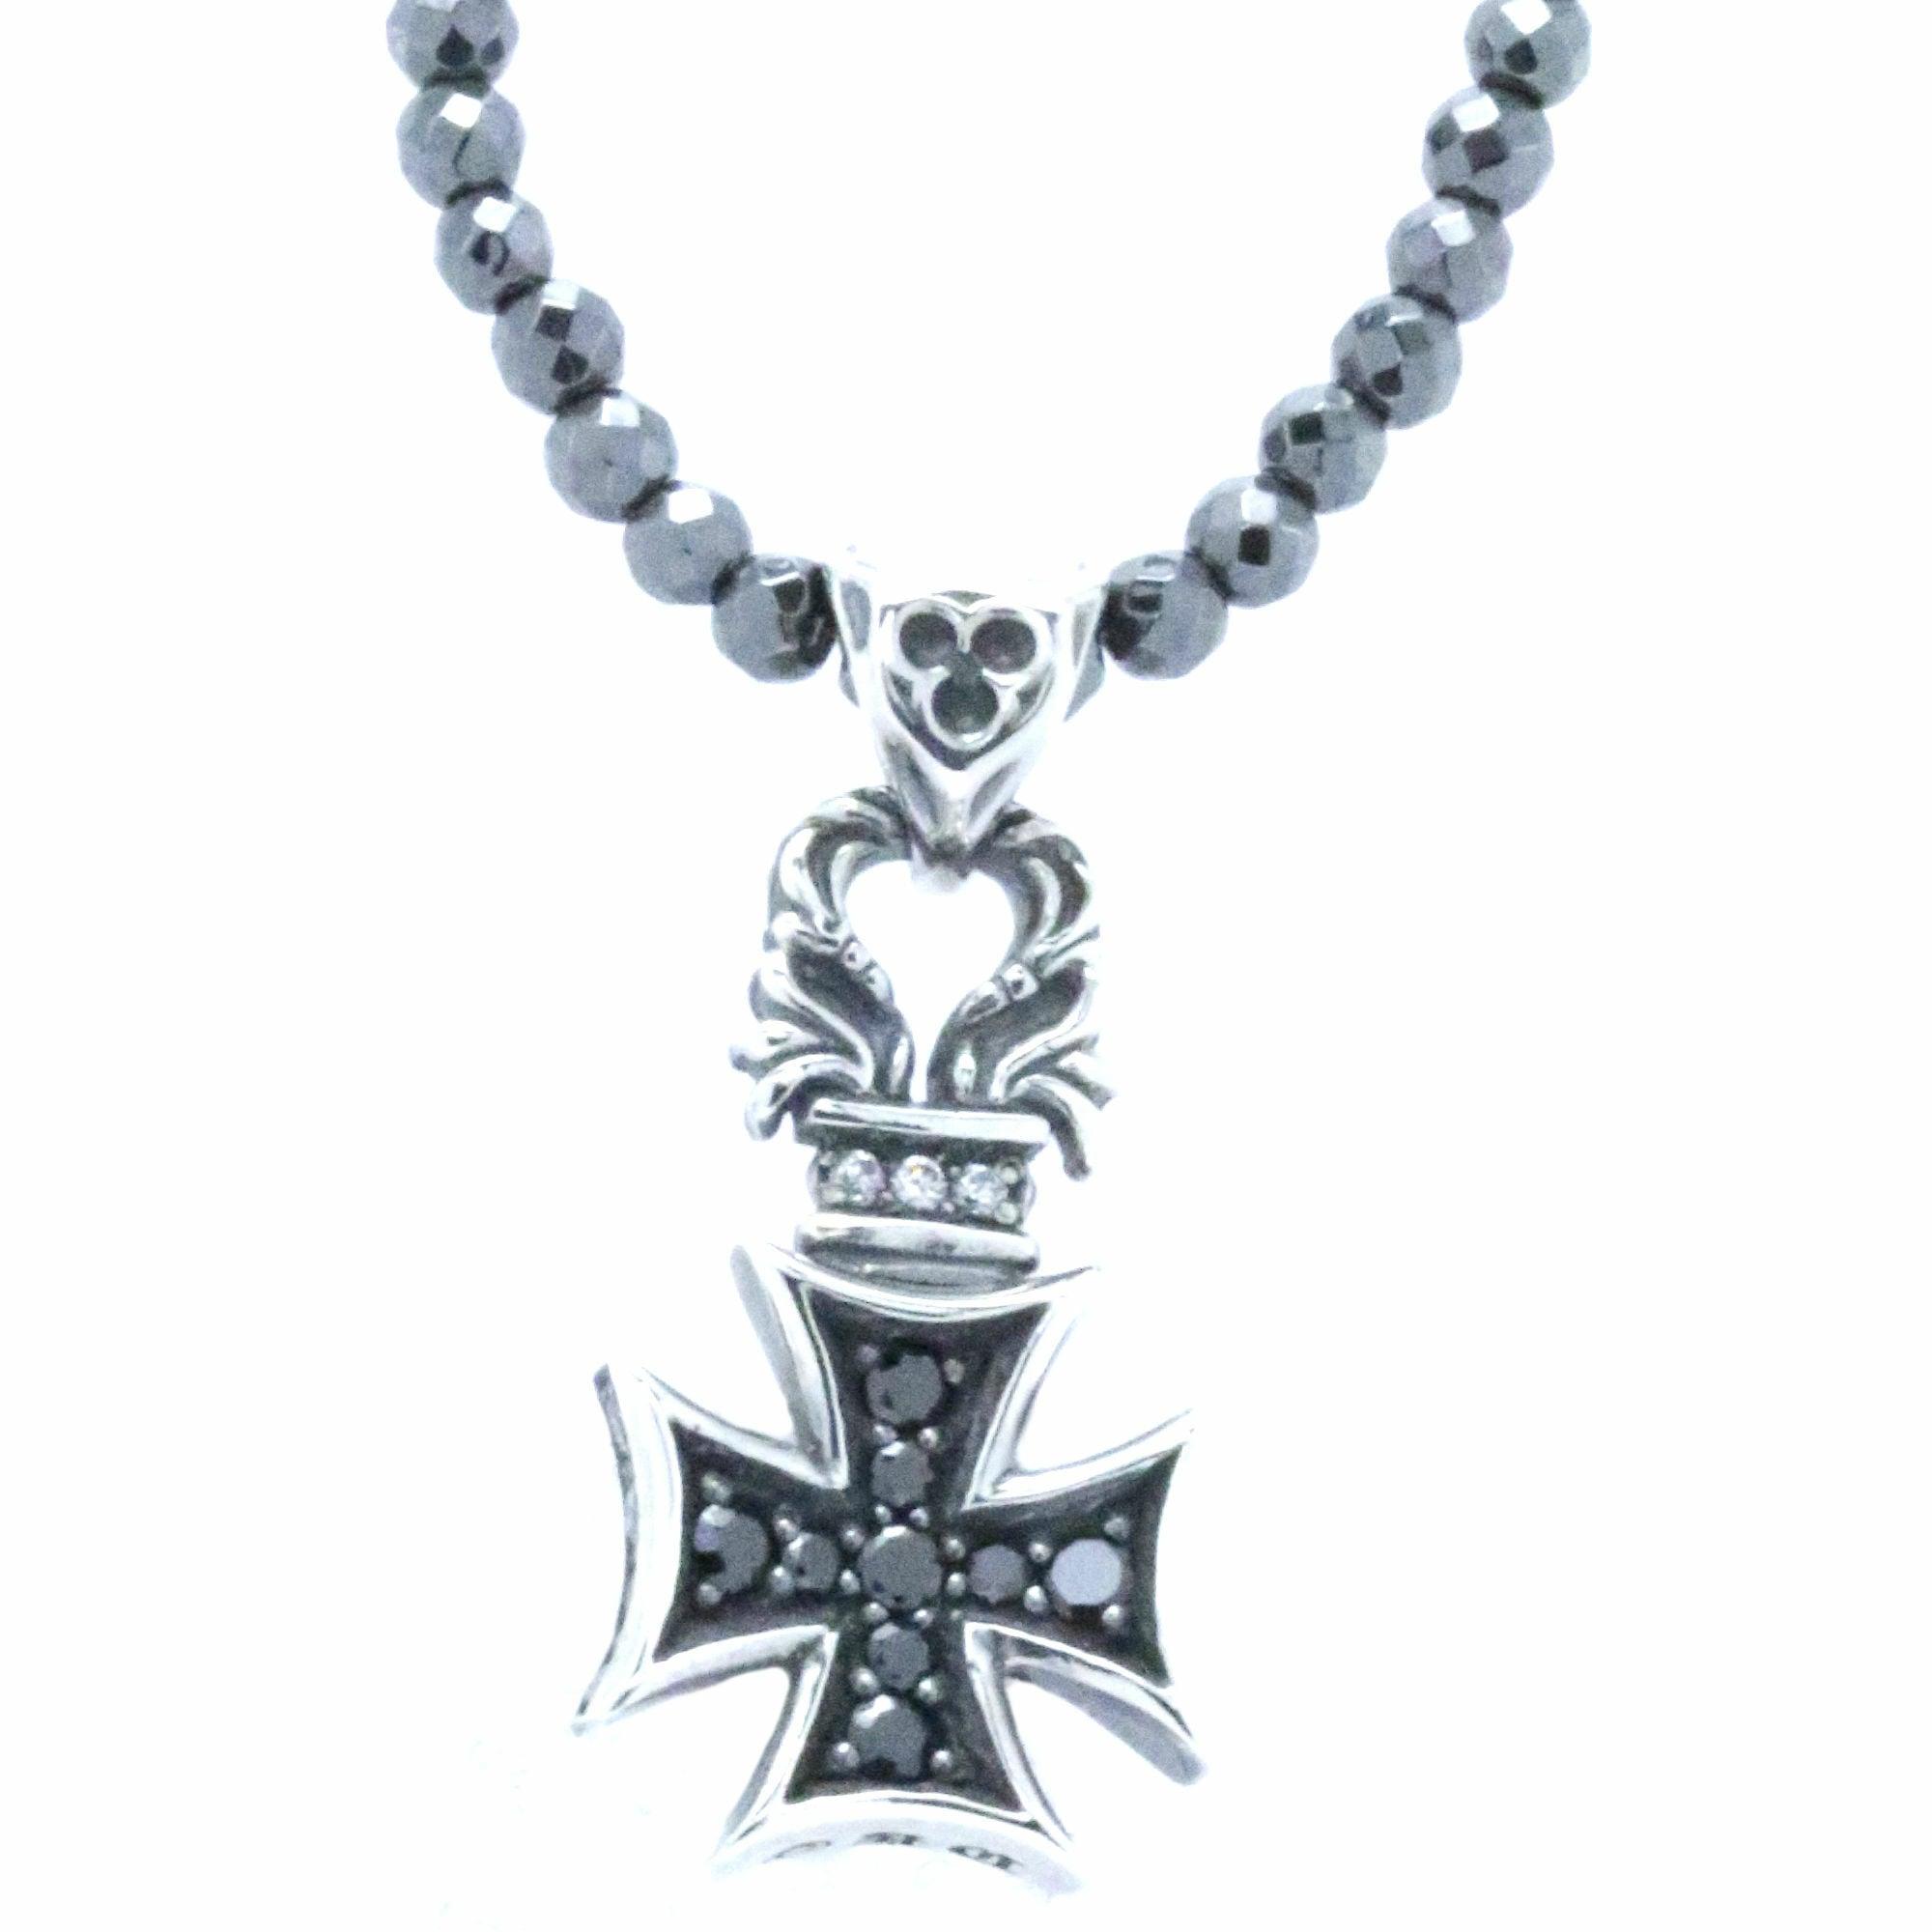 スモールフローラルアイアンクロスペンダント ACP0266 Small floral iron cross pendant